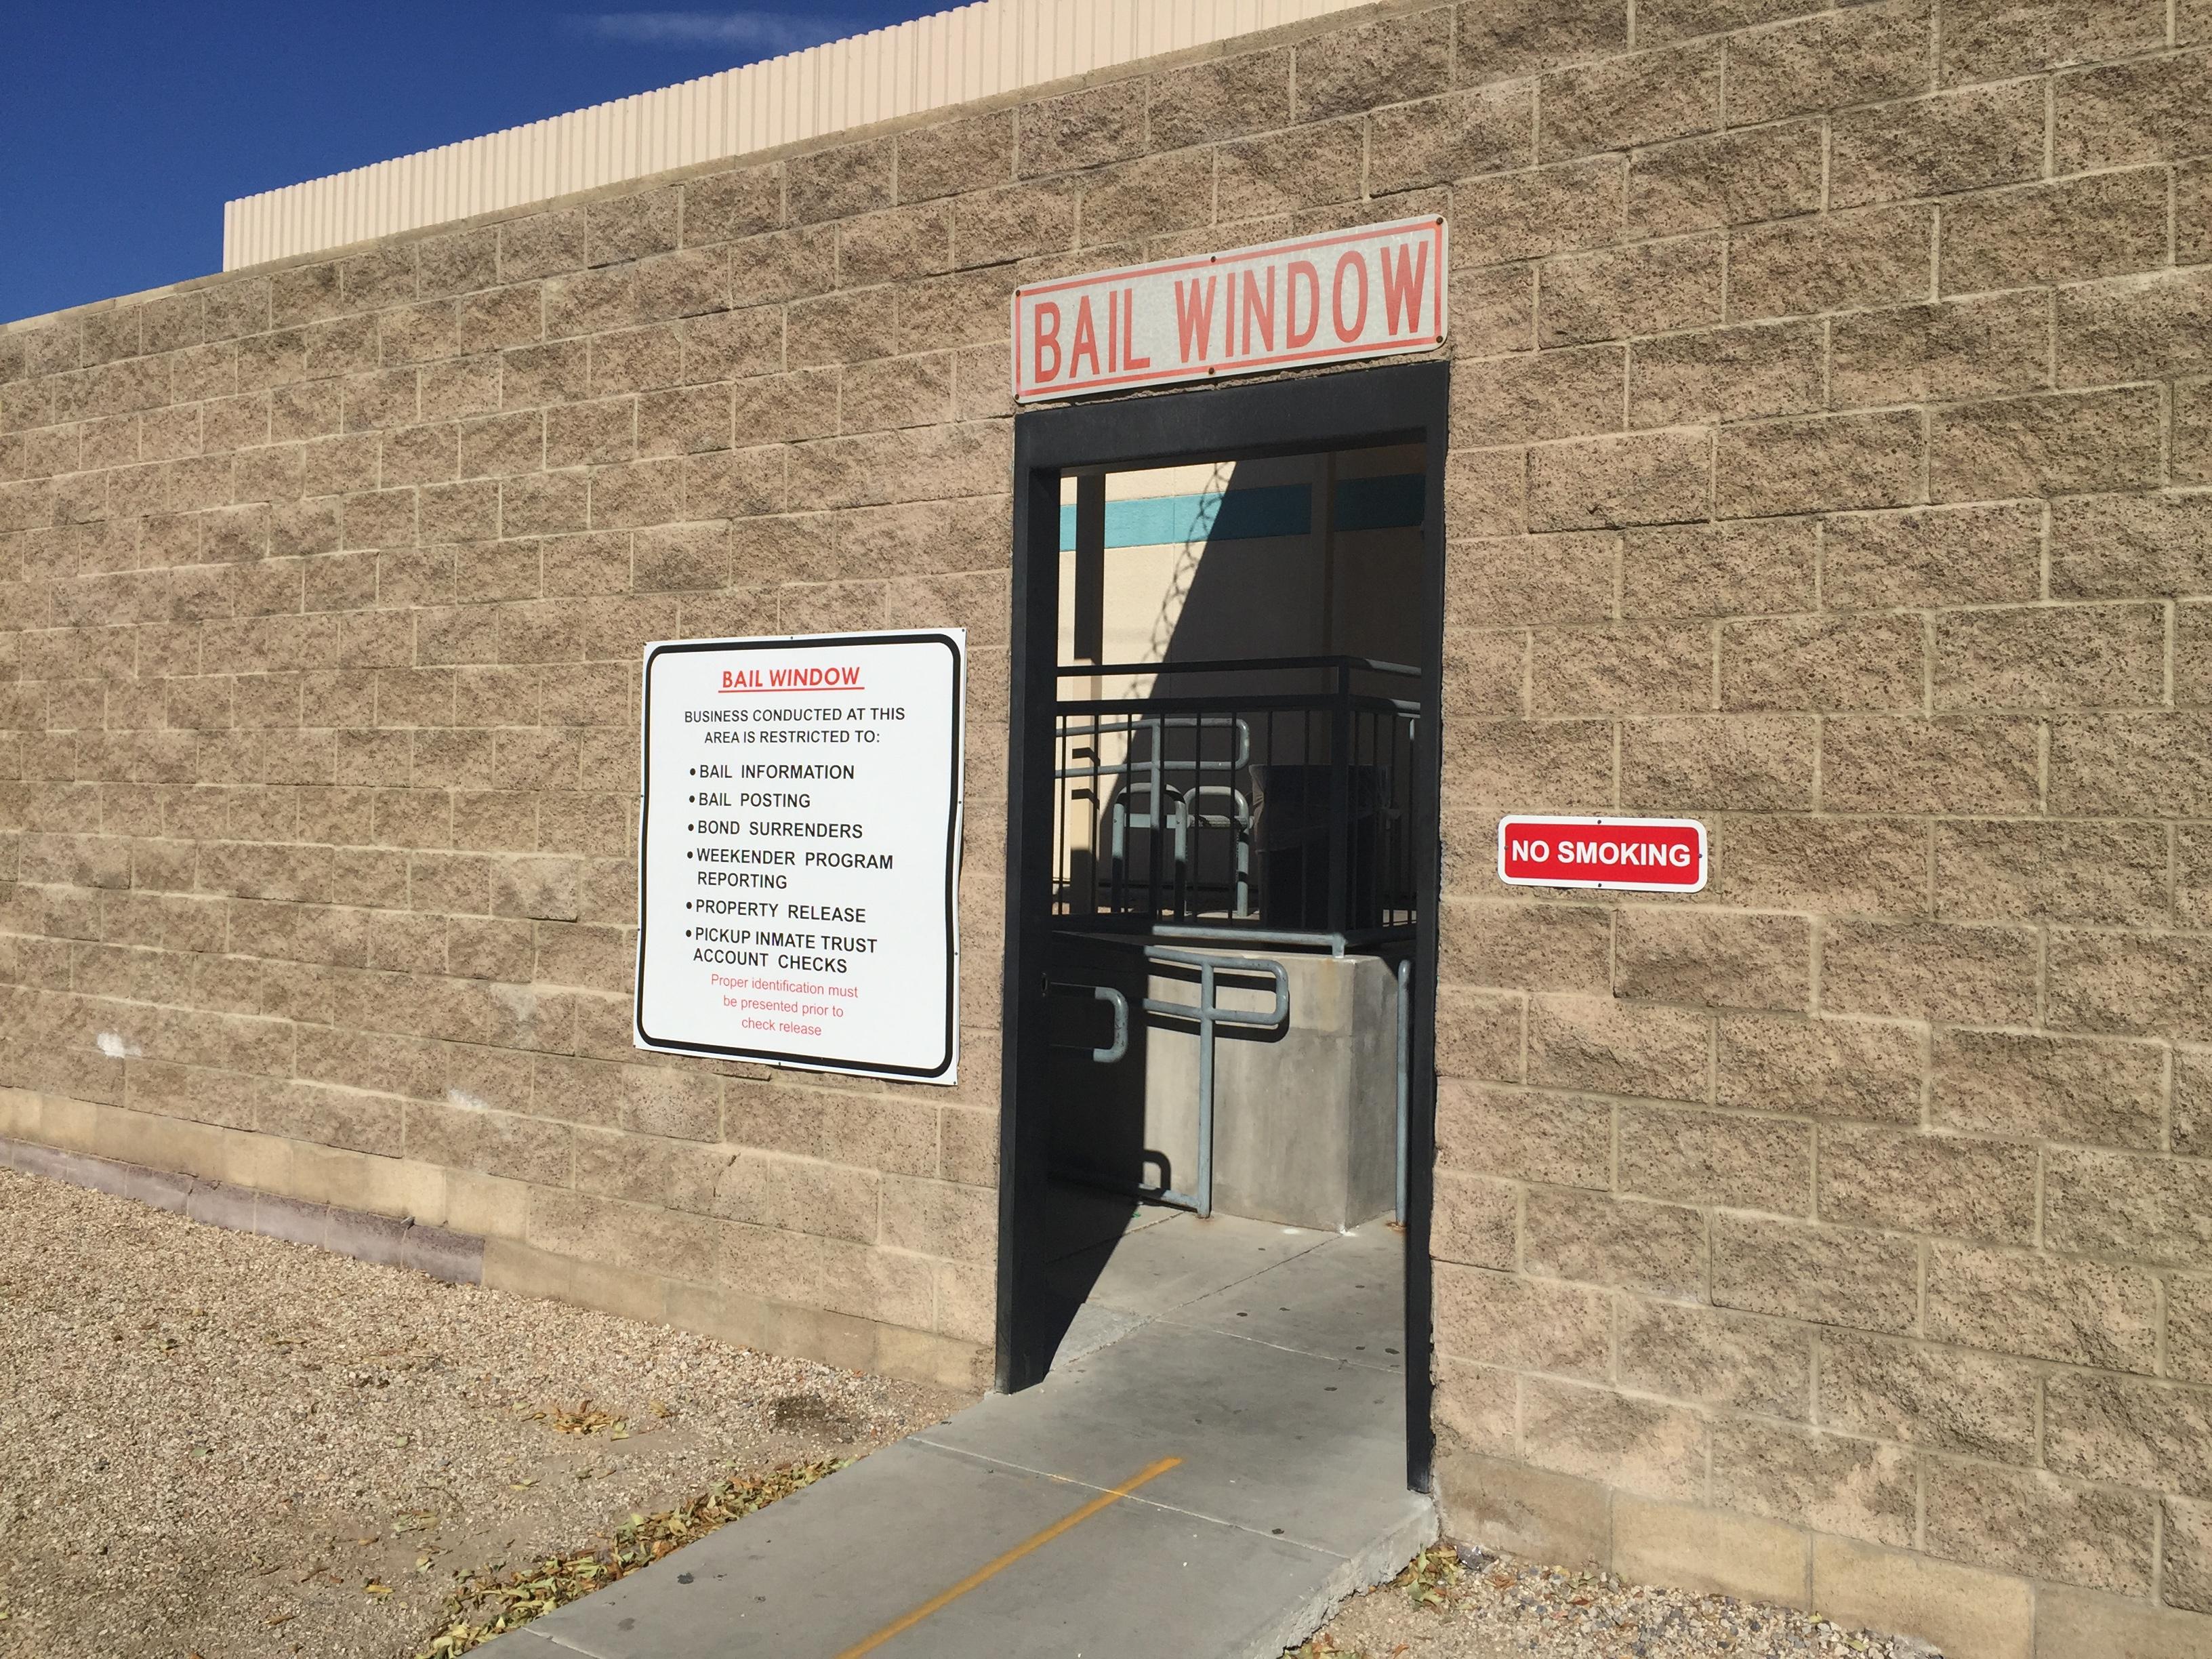 Las Vegas Jail Inmate Policies